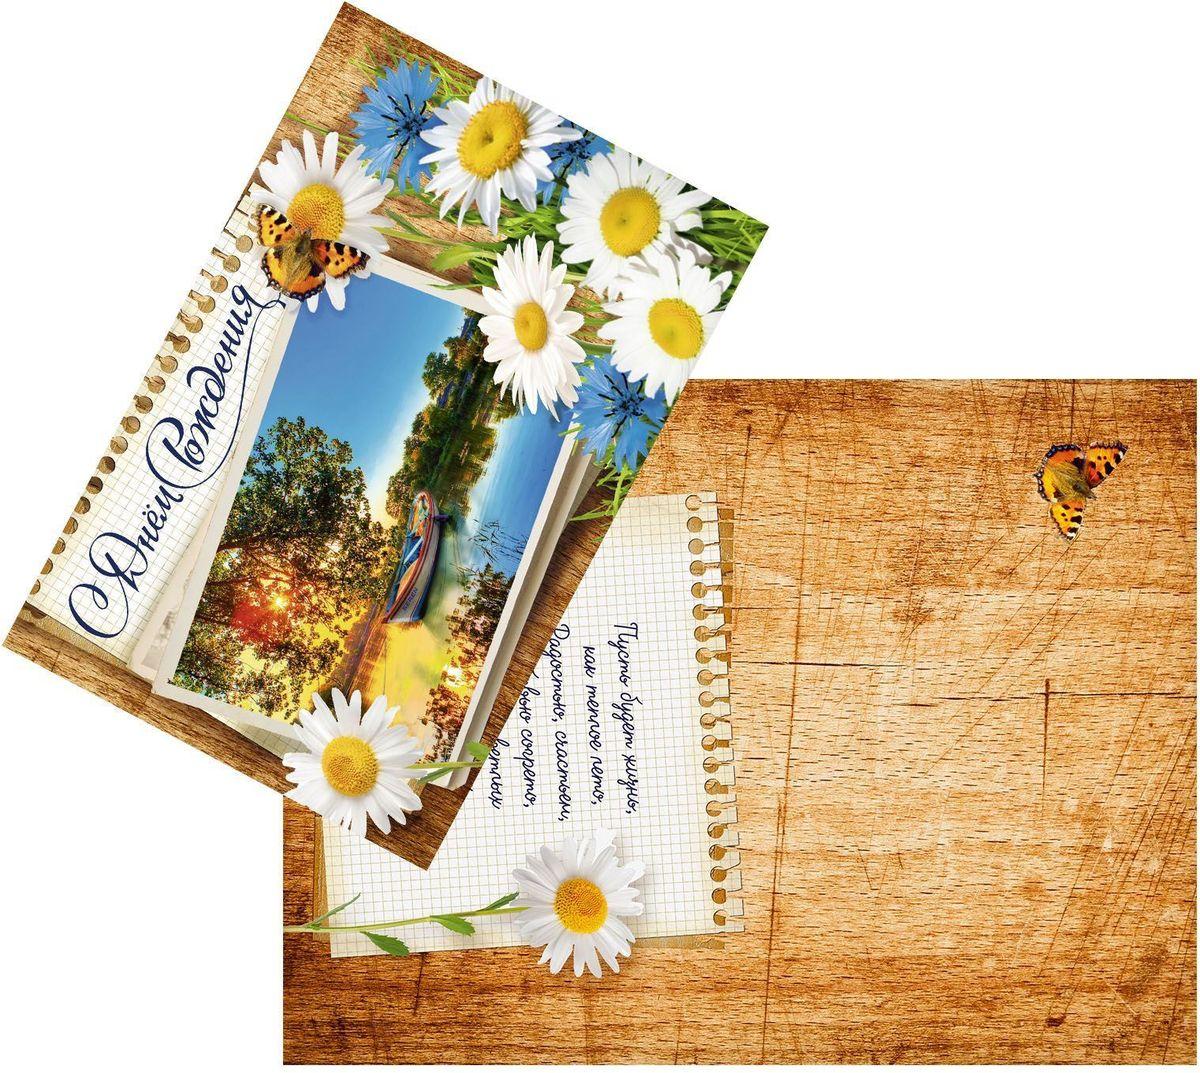 Открытка Дарите cчастье Летнее поздравление, 12 х 18 смUP210DFАтмосферу праздника создают детали: свечи, цветы, бокалы, воздушные шары и поздравительные открытки — яркие и весёлые, романтичные и нежные, милые и трогательные. Расскажите о своих чувствах дорогому для вас человеку, поделитесь радостью с близкими и друзьями. Открытка с креативным дизайном вам в этом поможет.